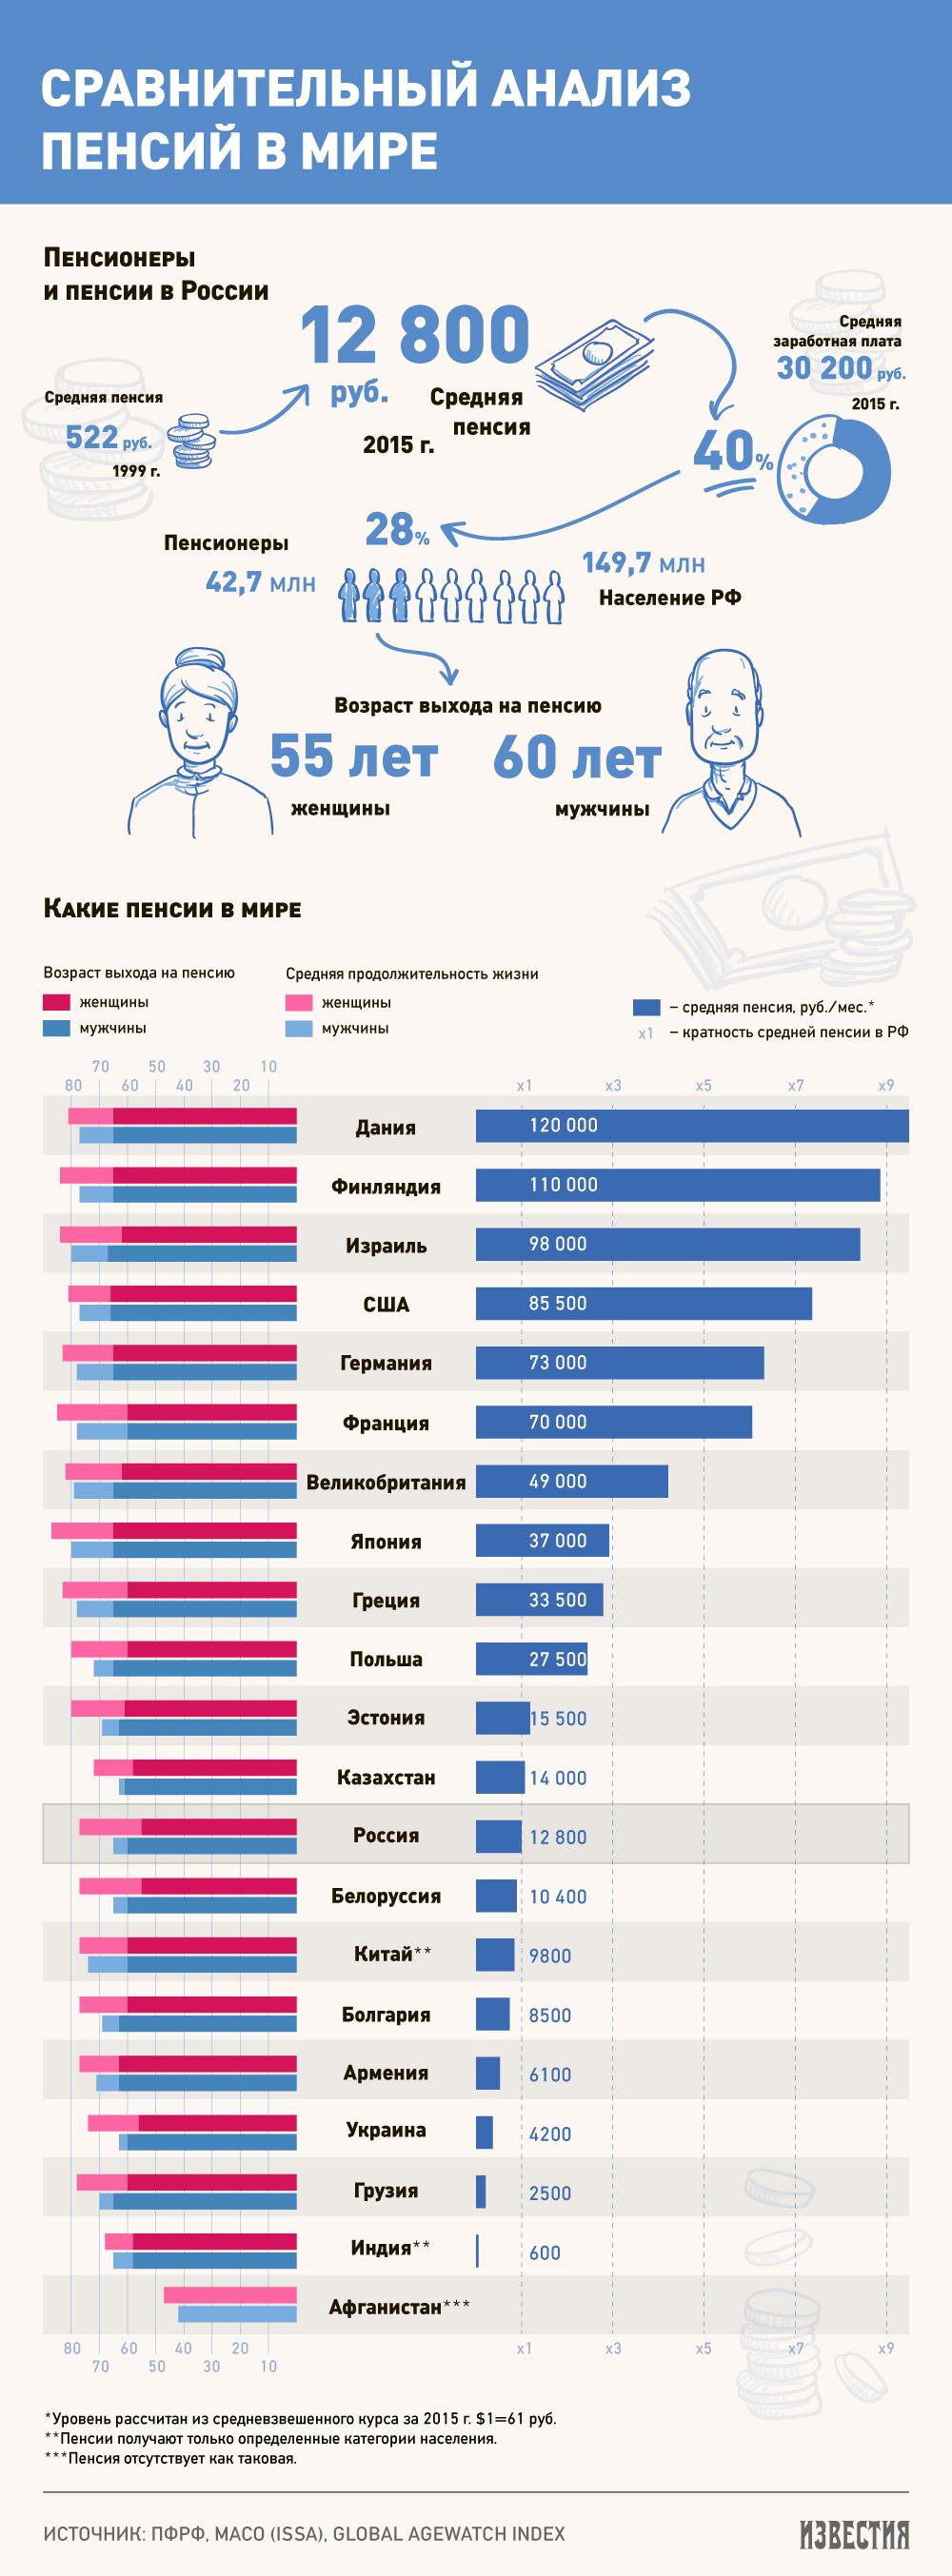 pensiya-v-raznyh-stranah-mira-infografika